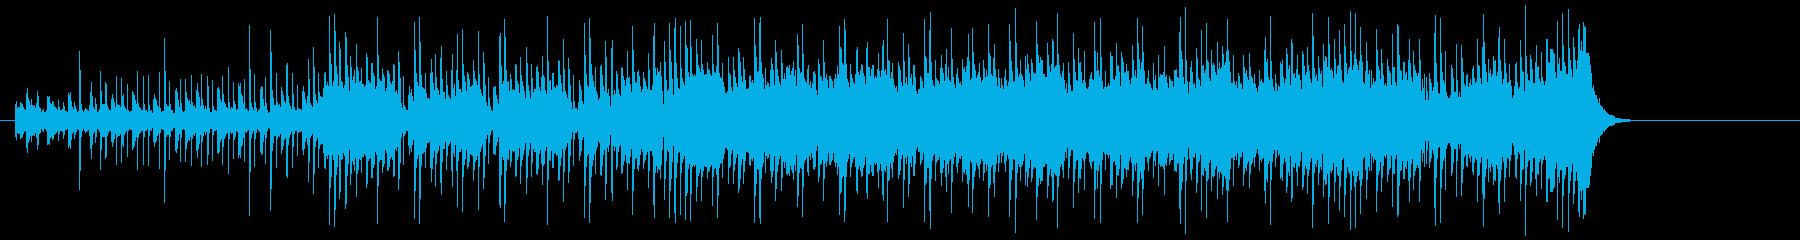 スキップするような、レゲエのリズムの再生済みの波形